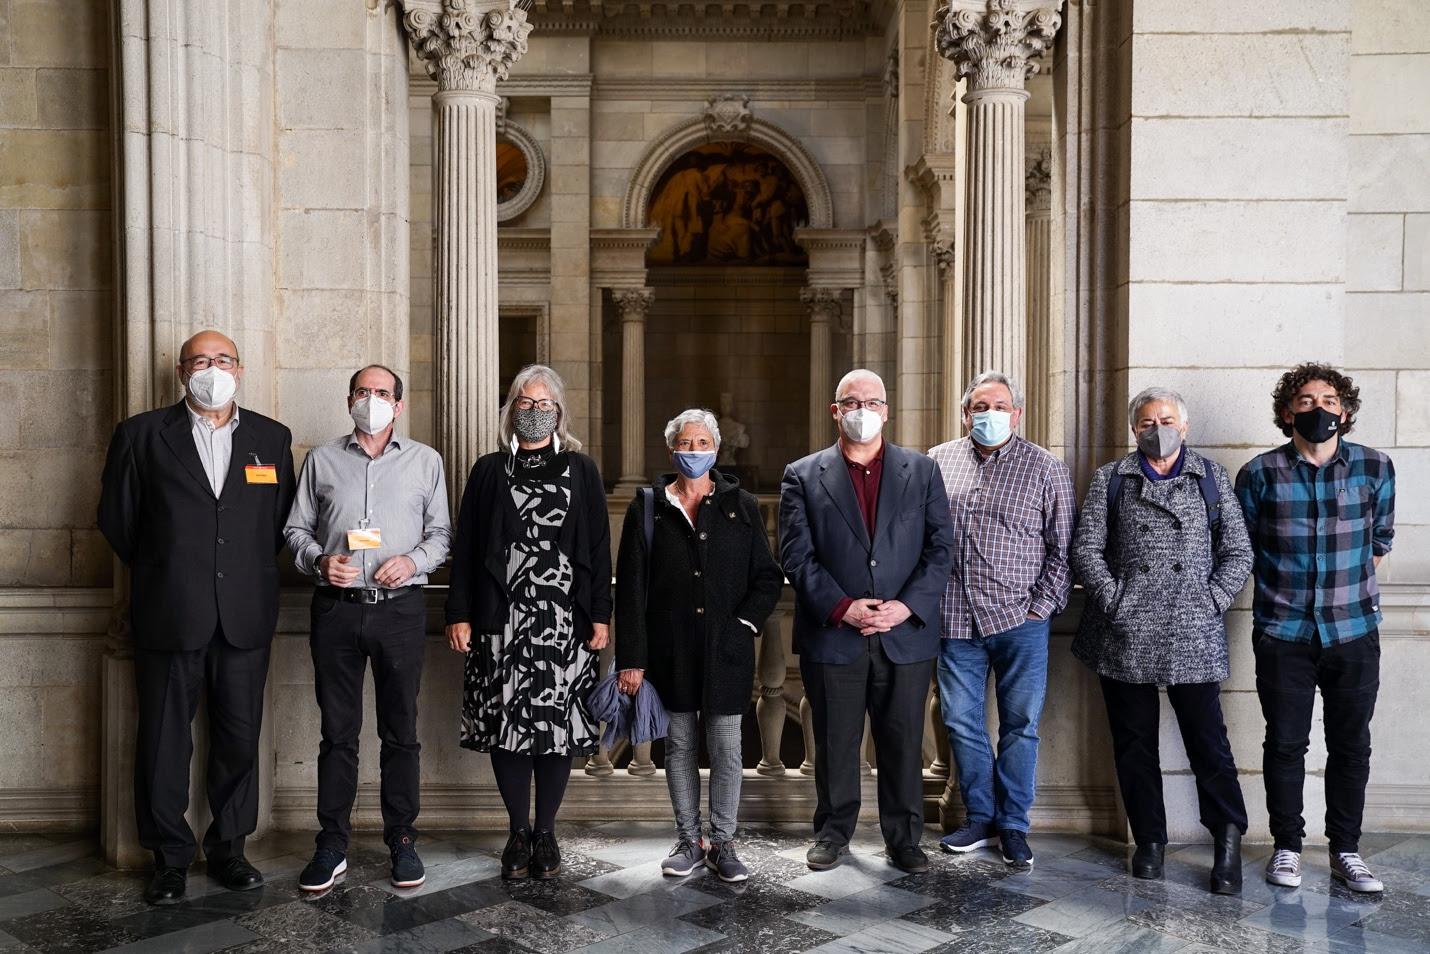 Els 8 aspirants a la Sindicatura de Greuges de Barcelona / Ajuntament de Barcelona